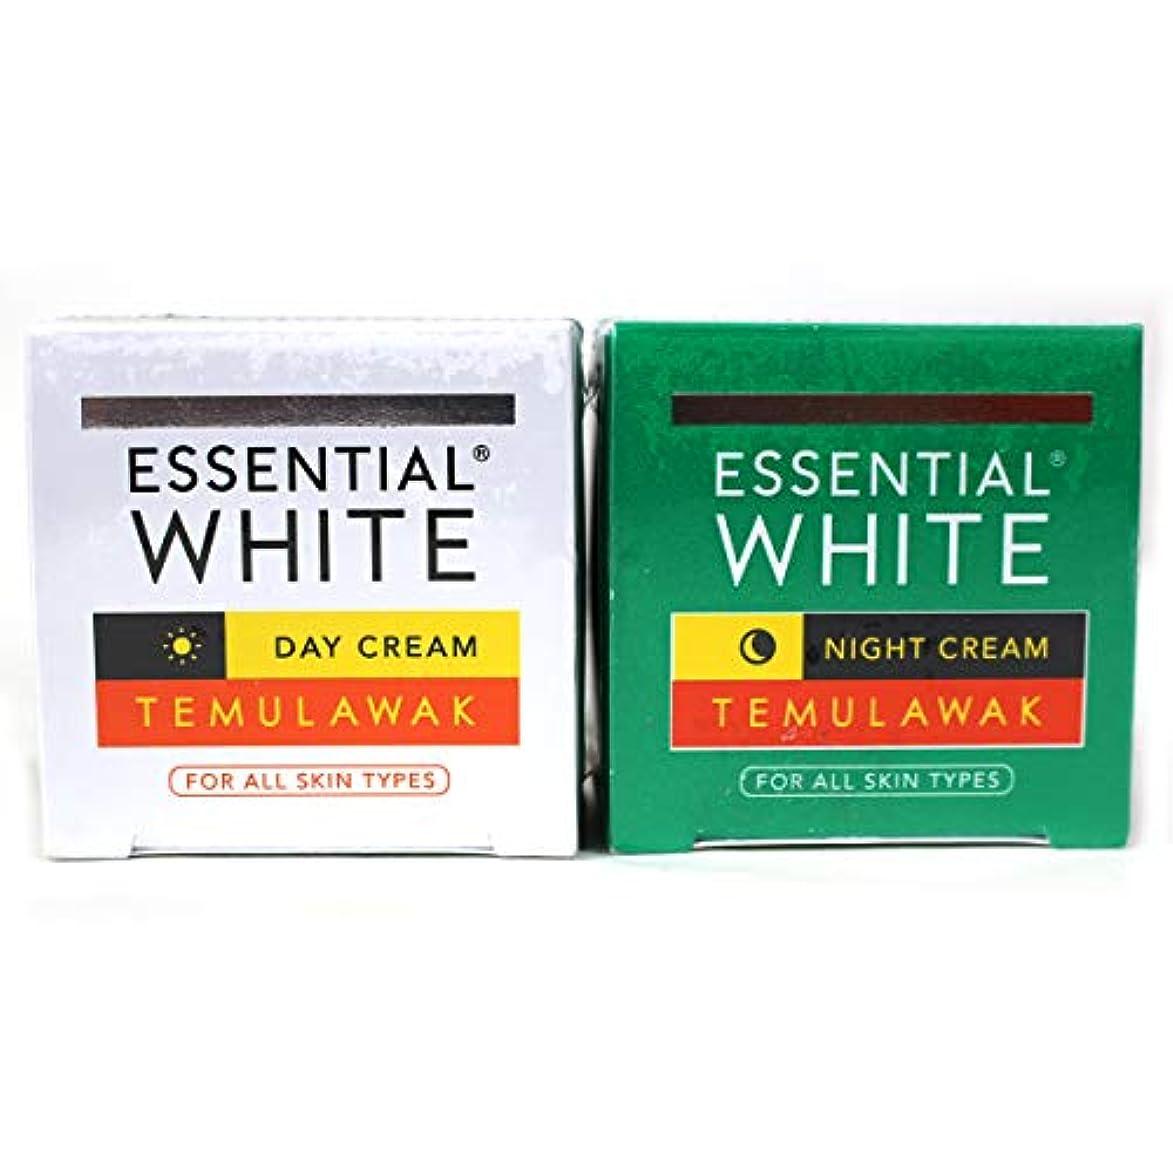 樹皮自発相関するギジ gizi Essential White フェイスクリーム ボトルタイプ 日中用&ナイト用セット 9g ×2個 テムラワク ウコン など天然成分配合 [海外直送品]